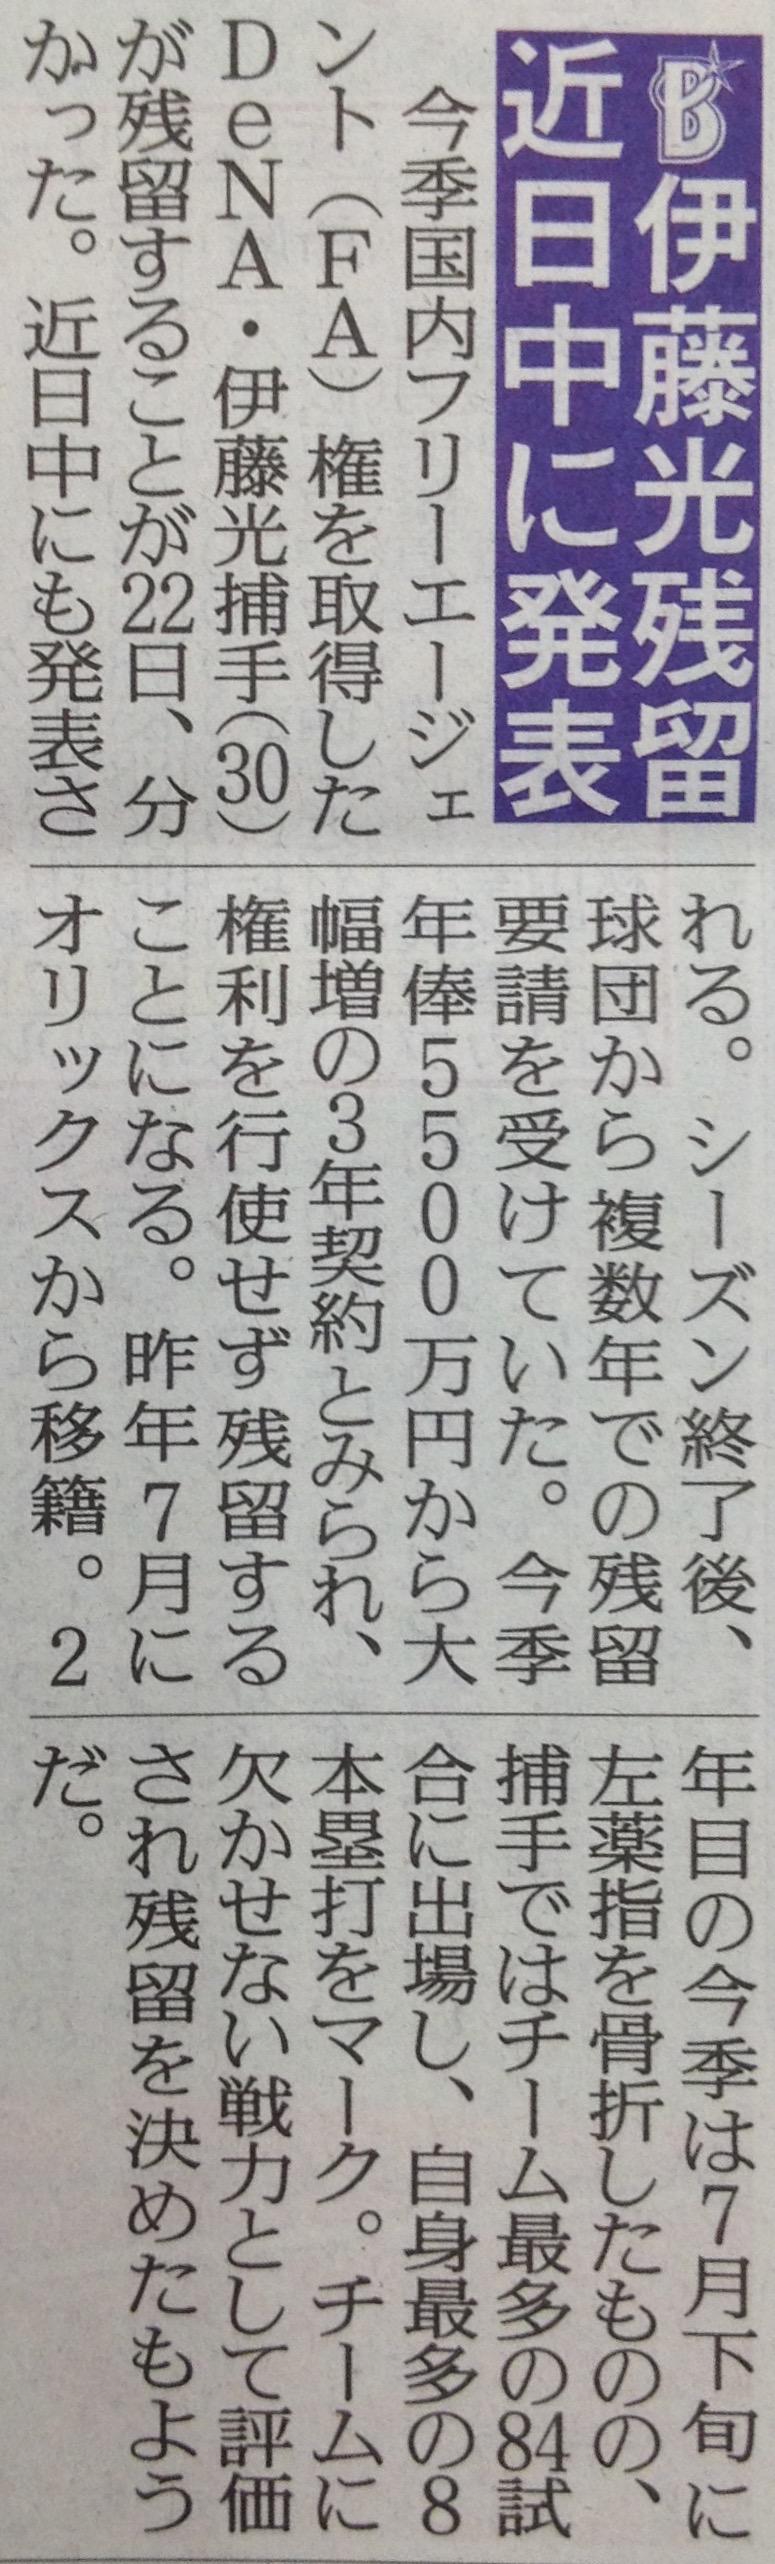 【速報】横浜DeNA伊藤光さん残留へ